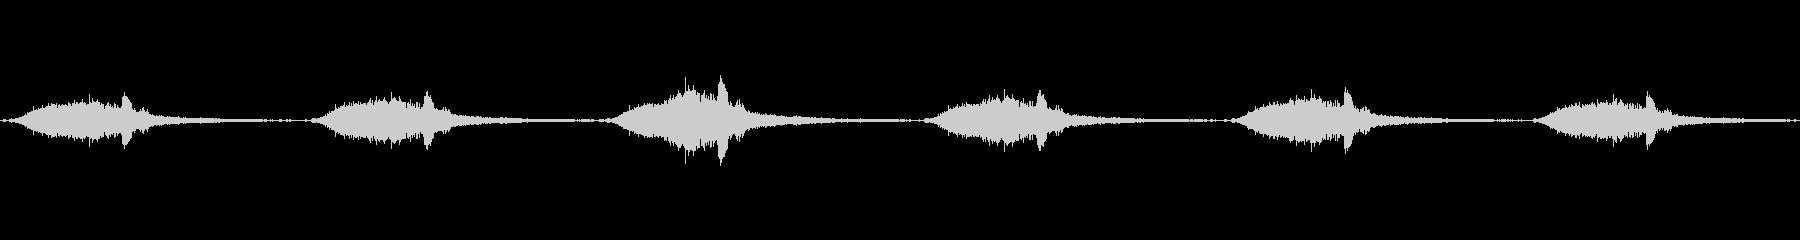 歯科用機械のエアサックイン、アウトループの未再生の波形